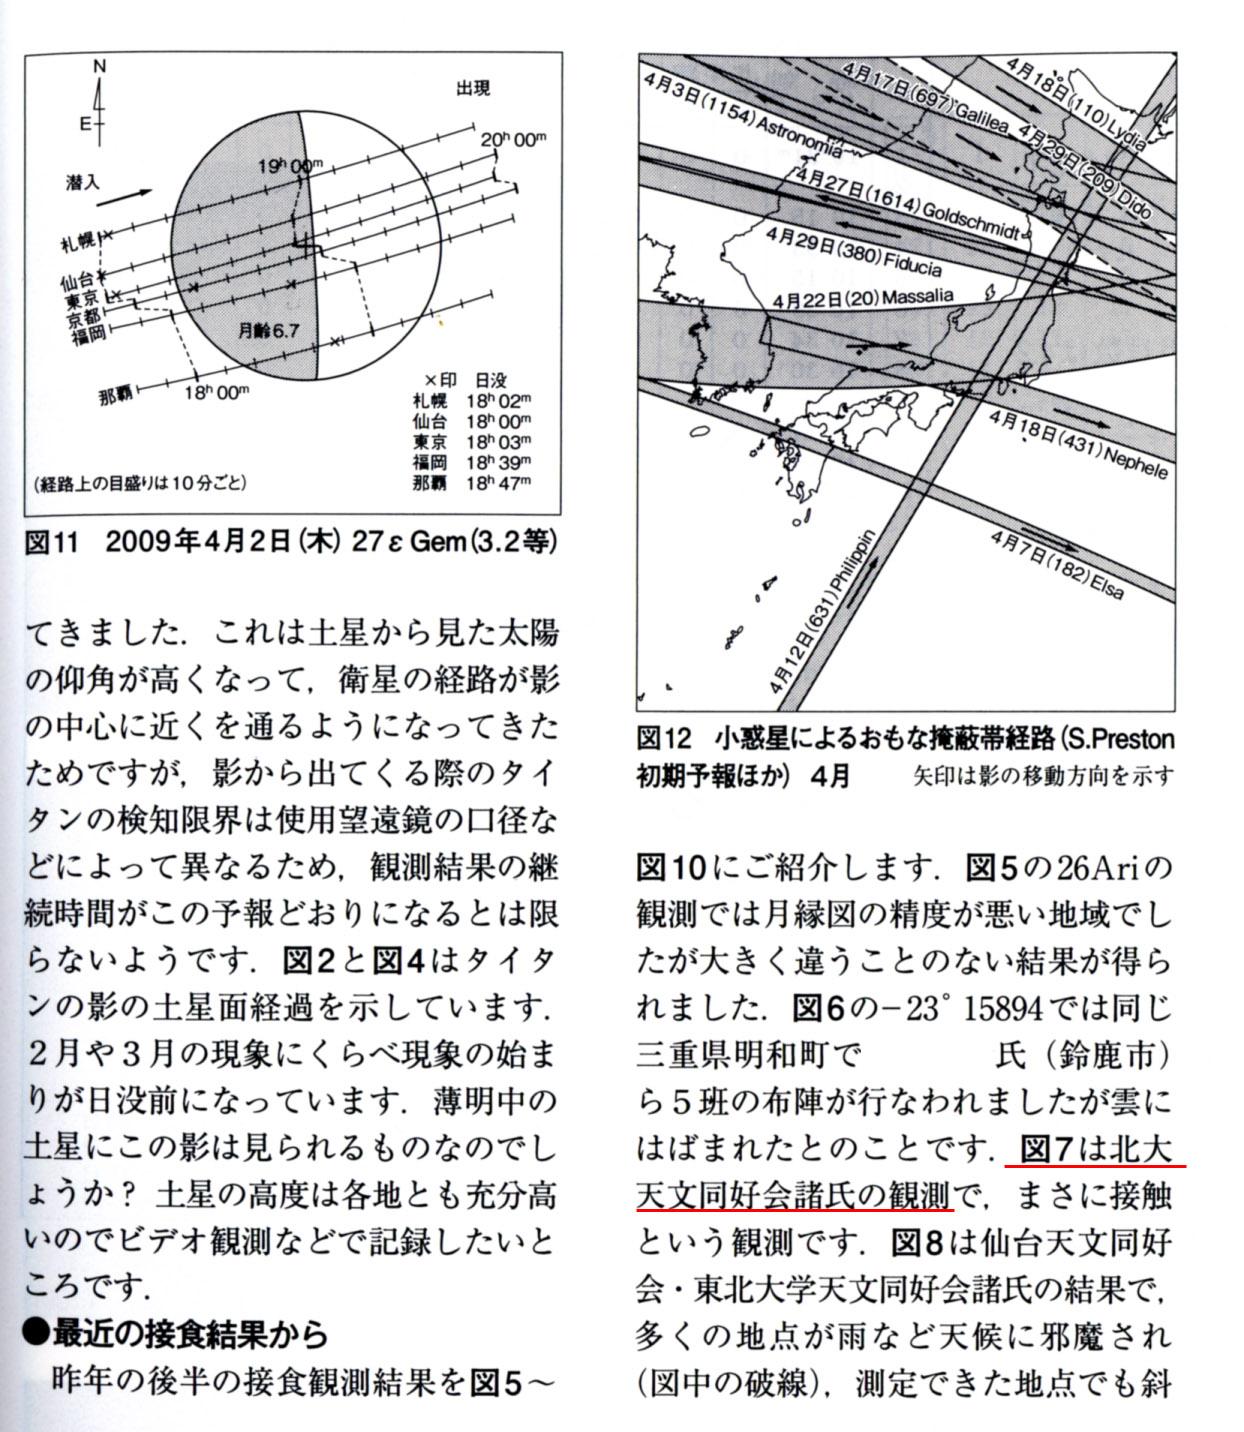 88e72edc.jpg